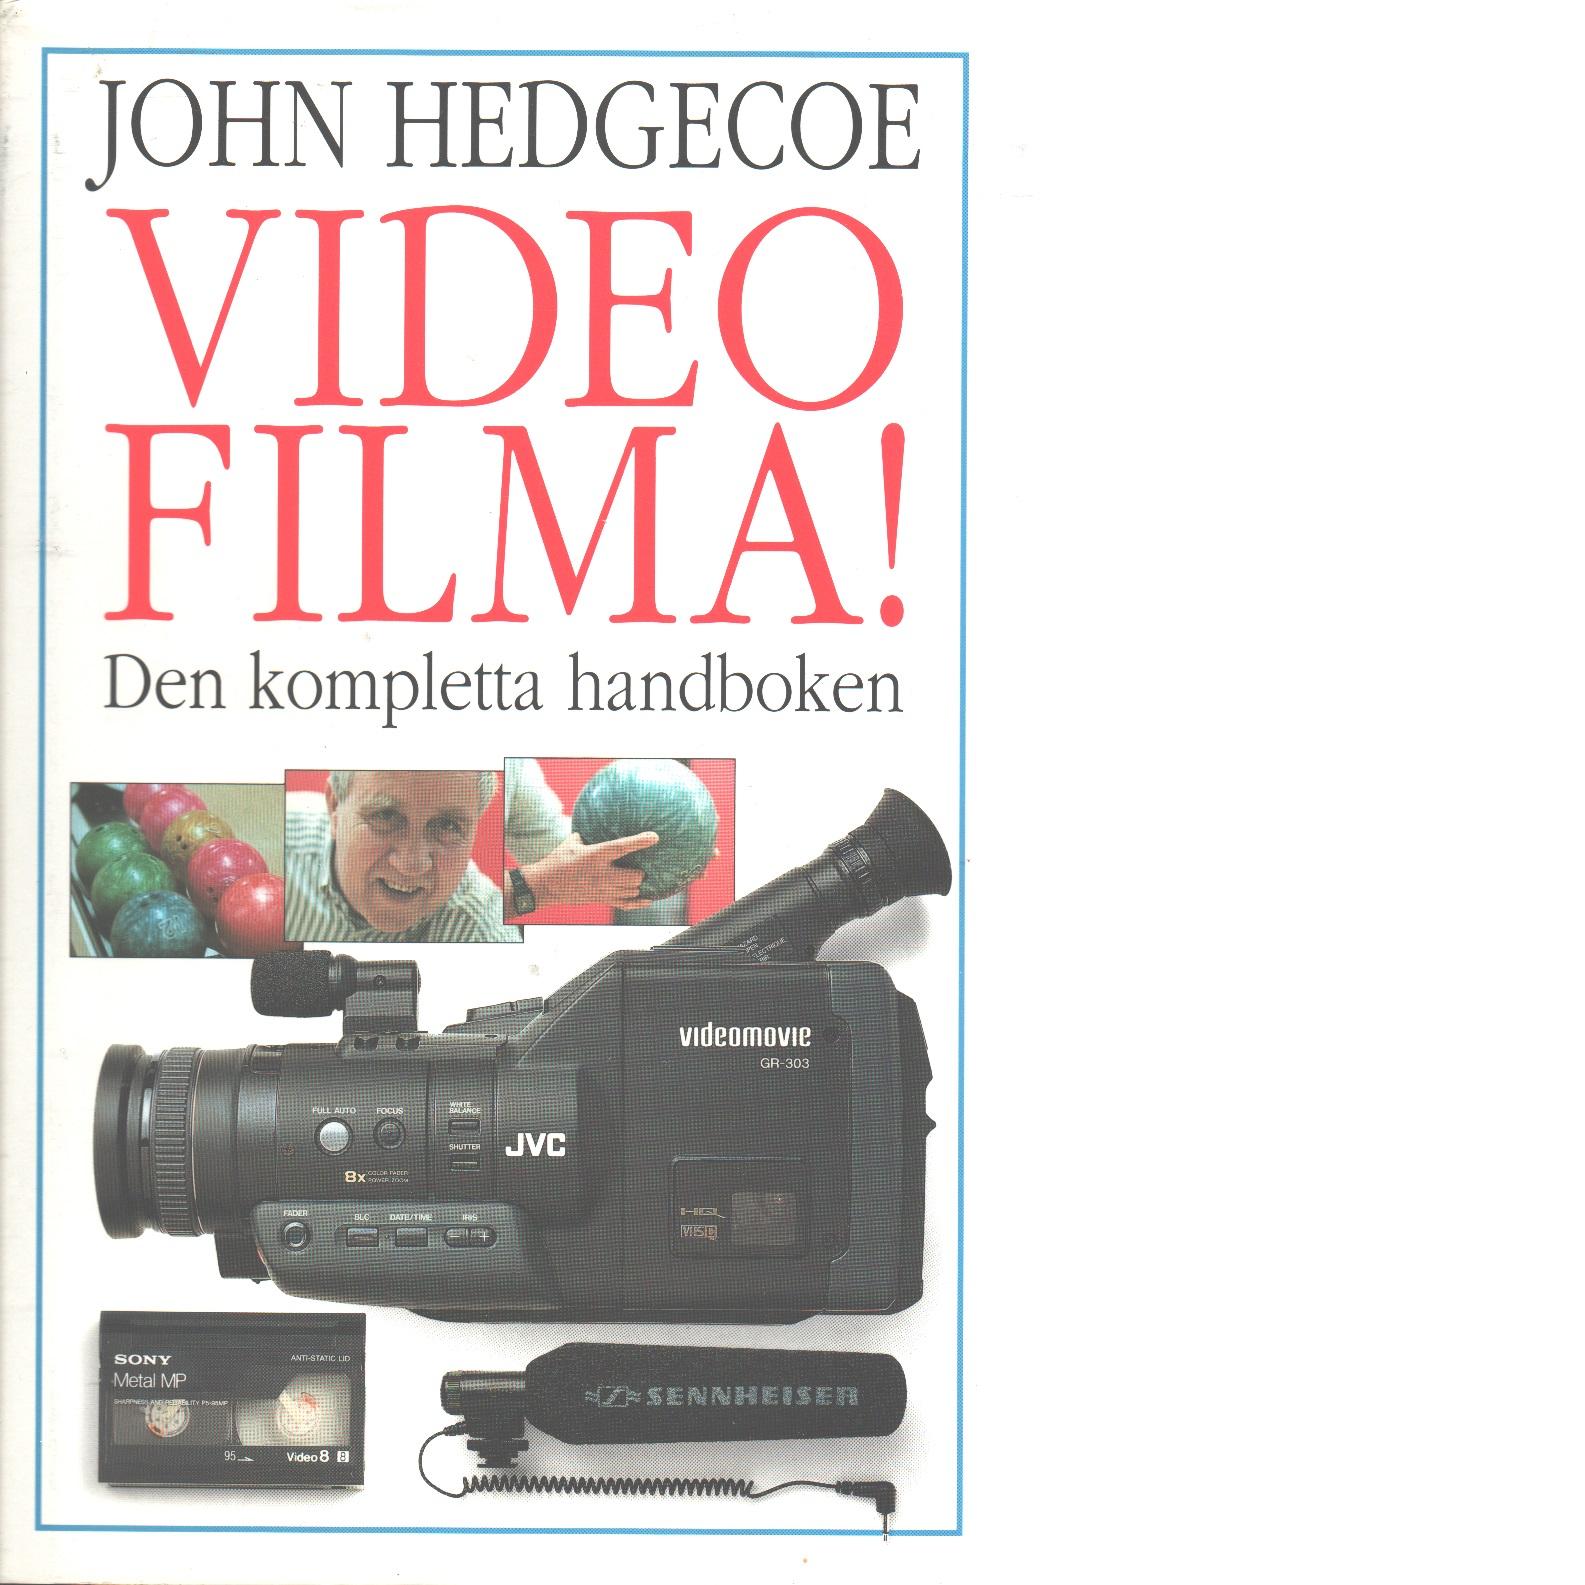 Videofilma! : [den kompletta handboken] - Hedgecoe, John